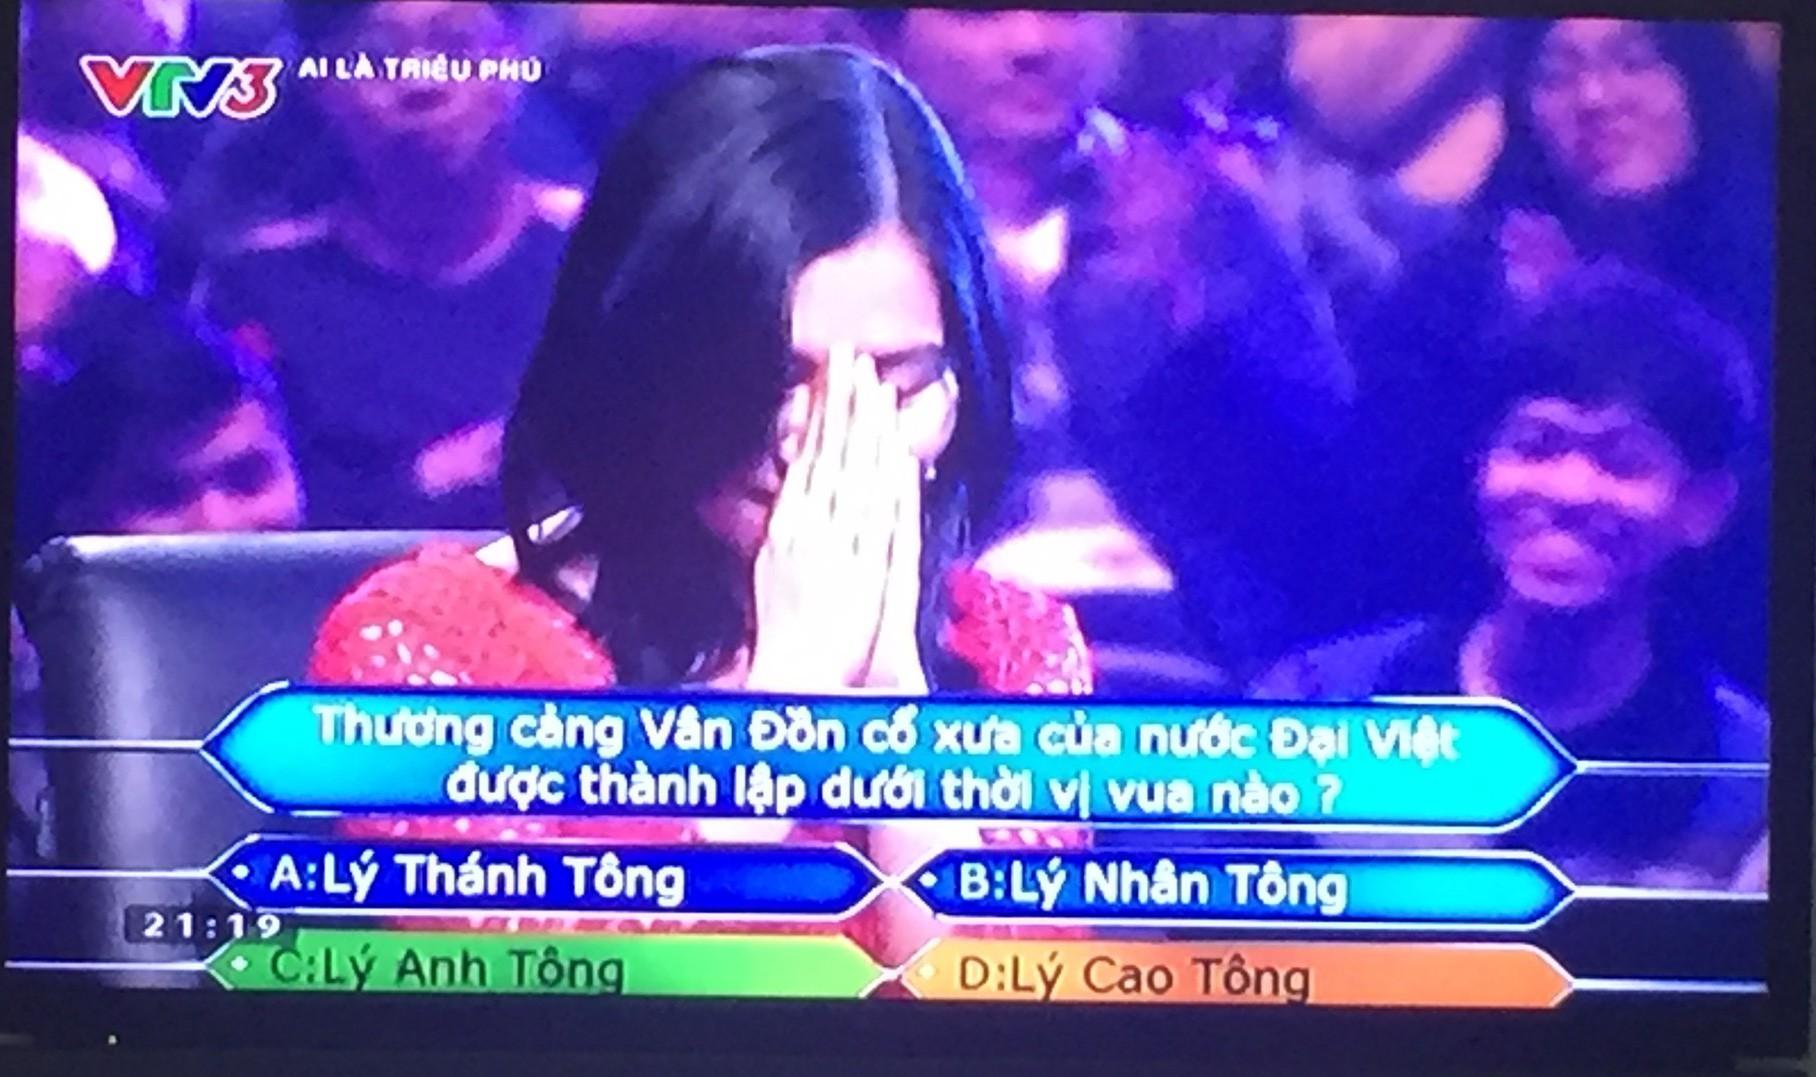 Ai là triệu phú 2018 lên sóng với MC mới - Phan Đăng, đã có người chơi mang về 22 triệu đồng - Ảnh 5.